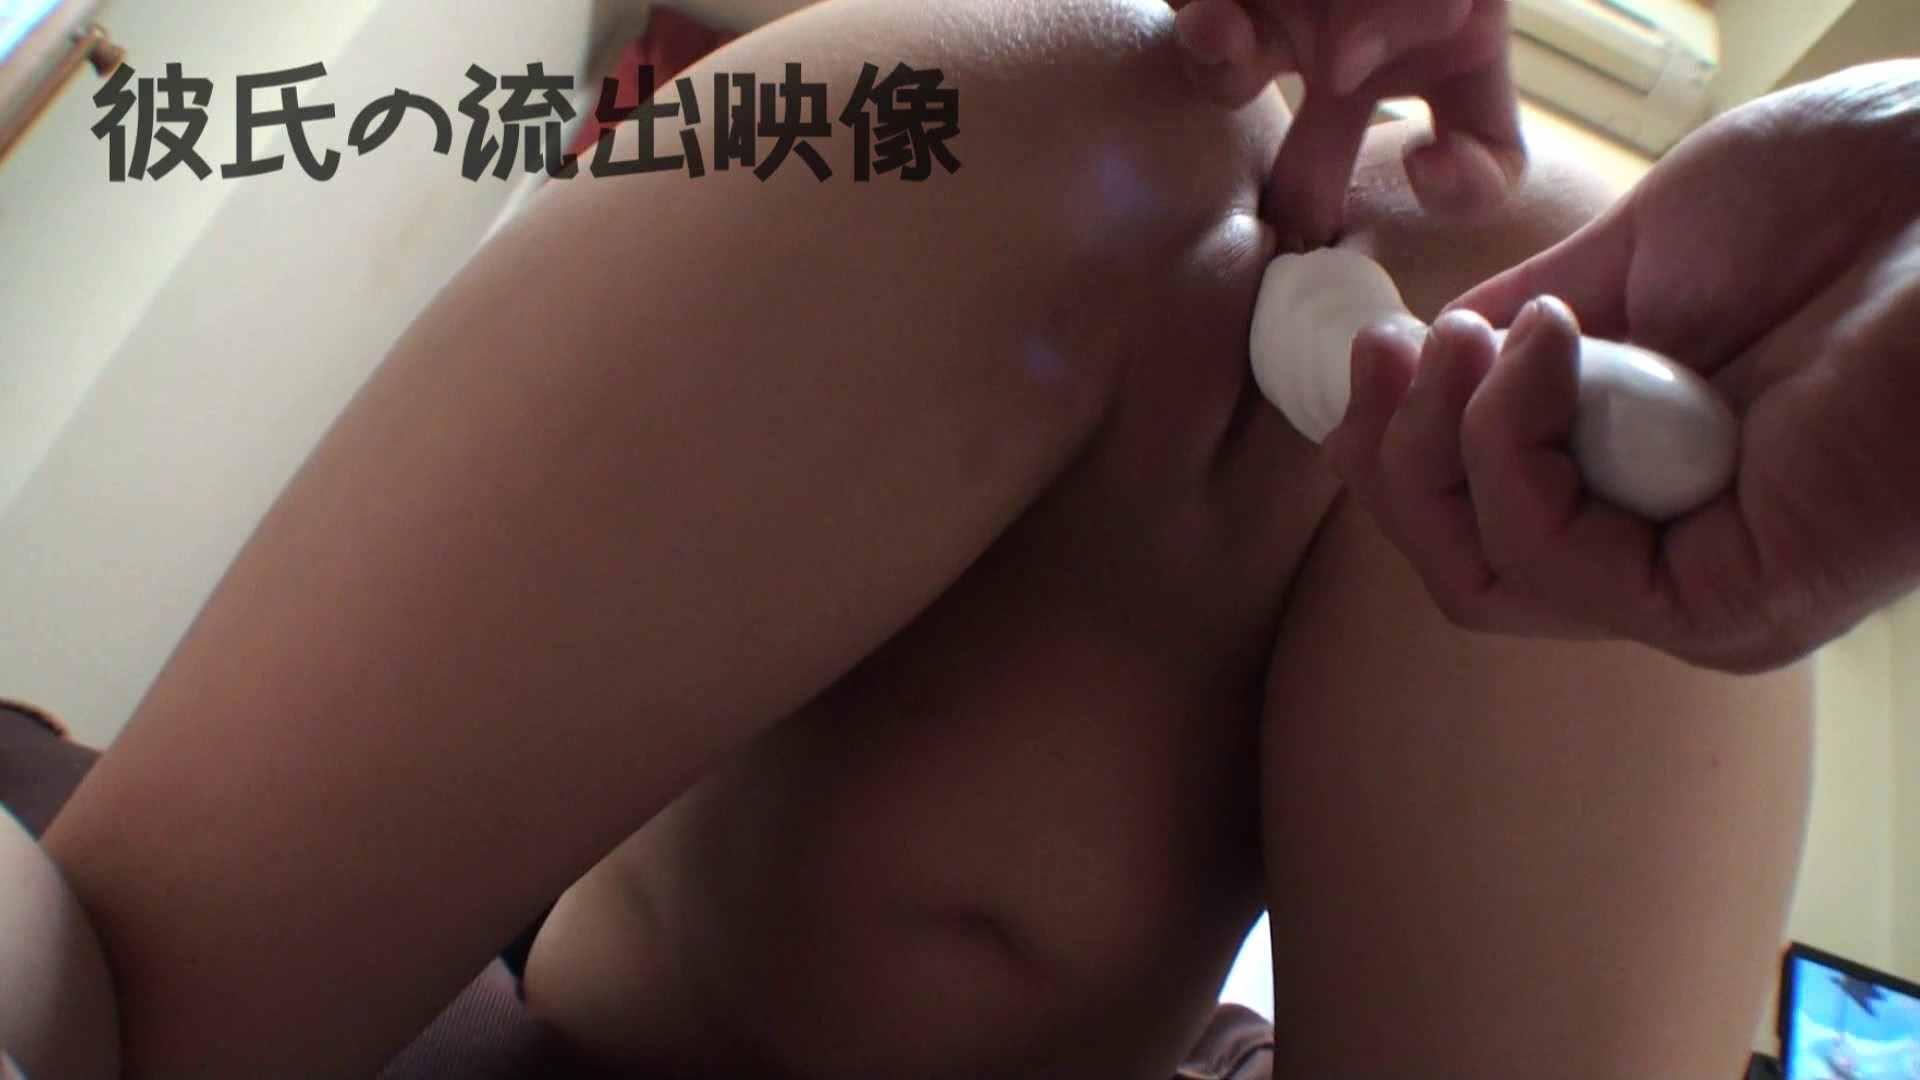 彼氏が流出 パイパン素人嬢のハメ撮り映像04 パイパン | 素人達のヌード  68連発 59